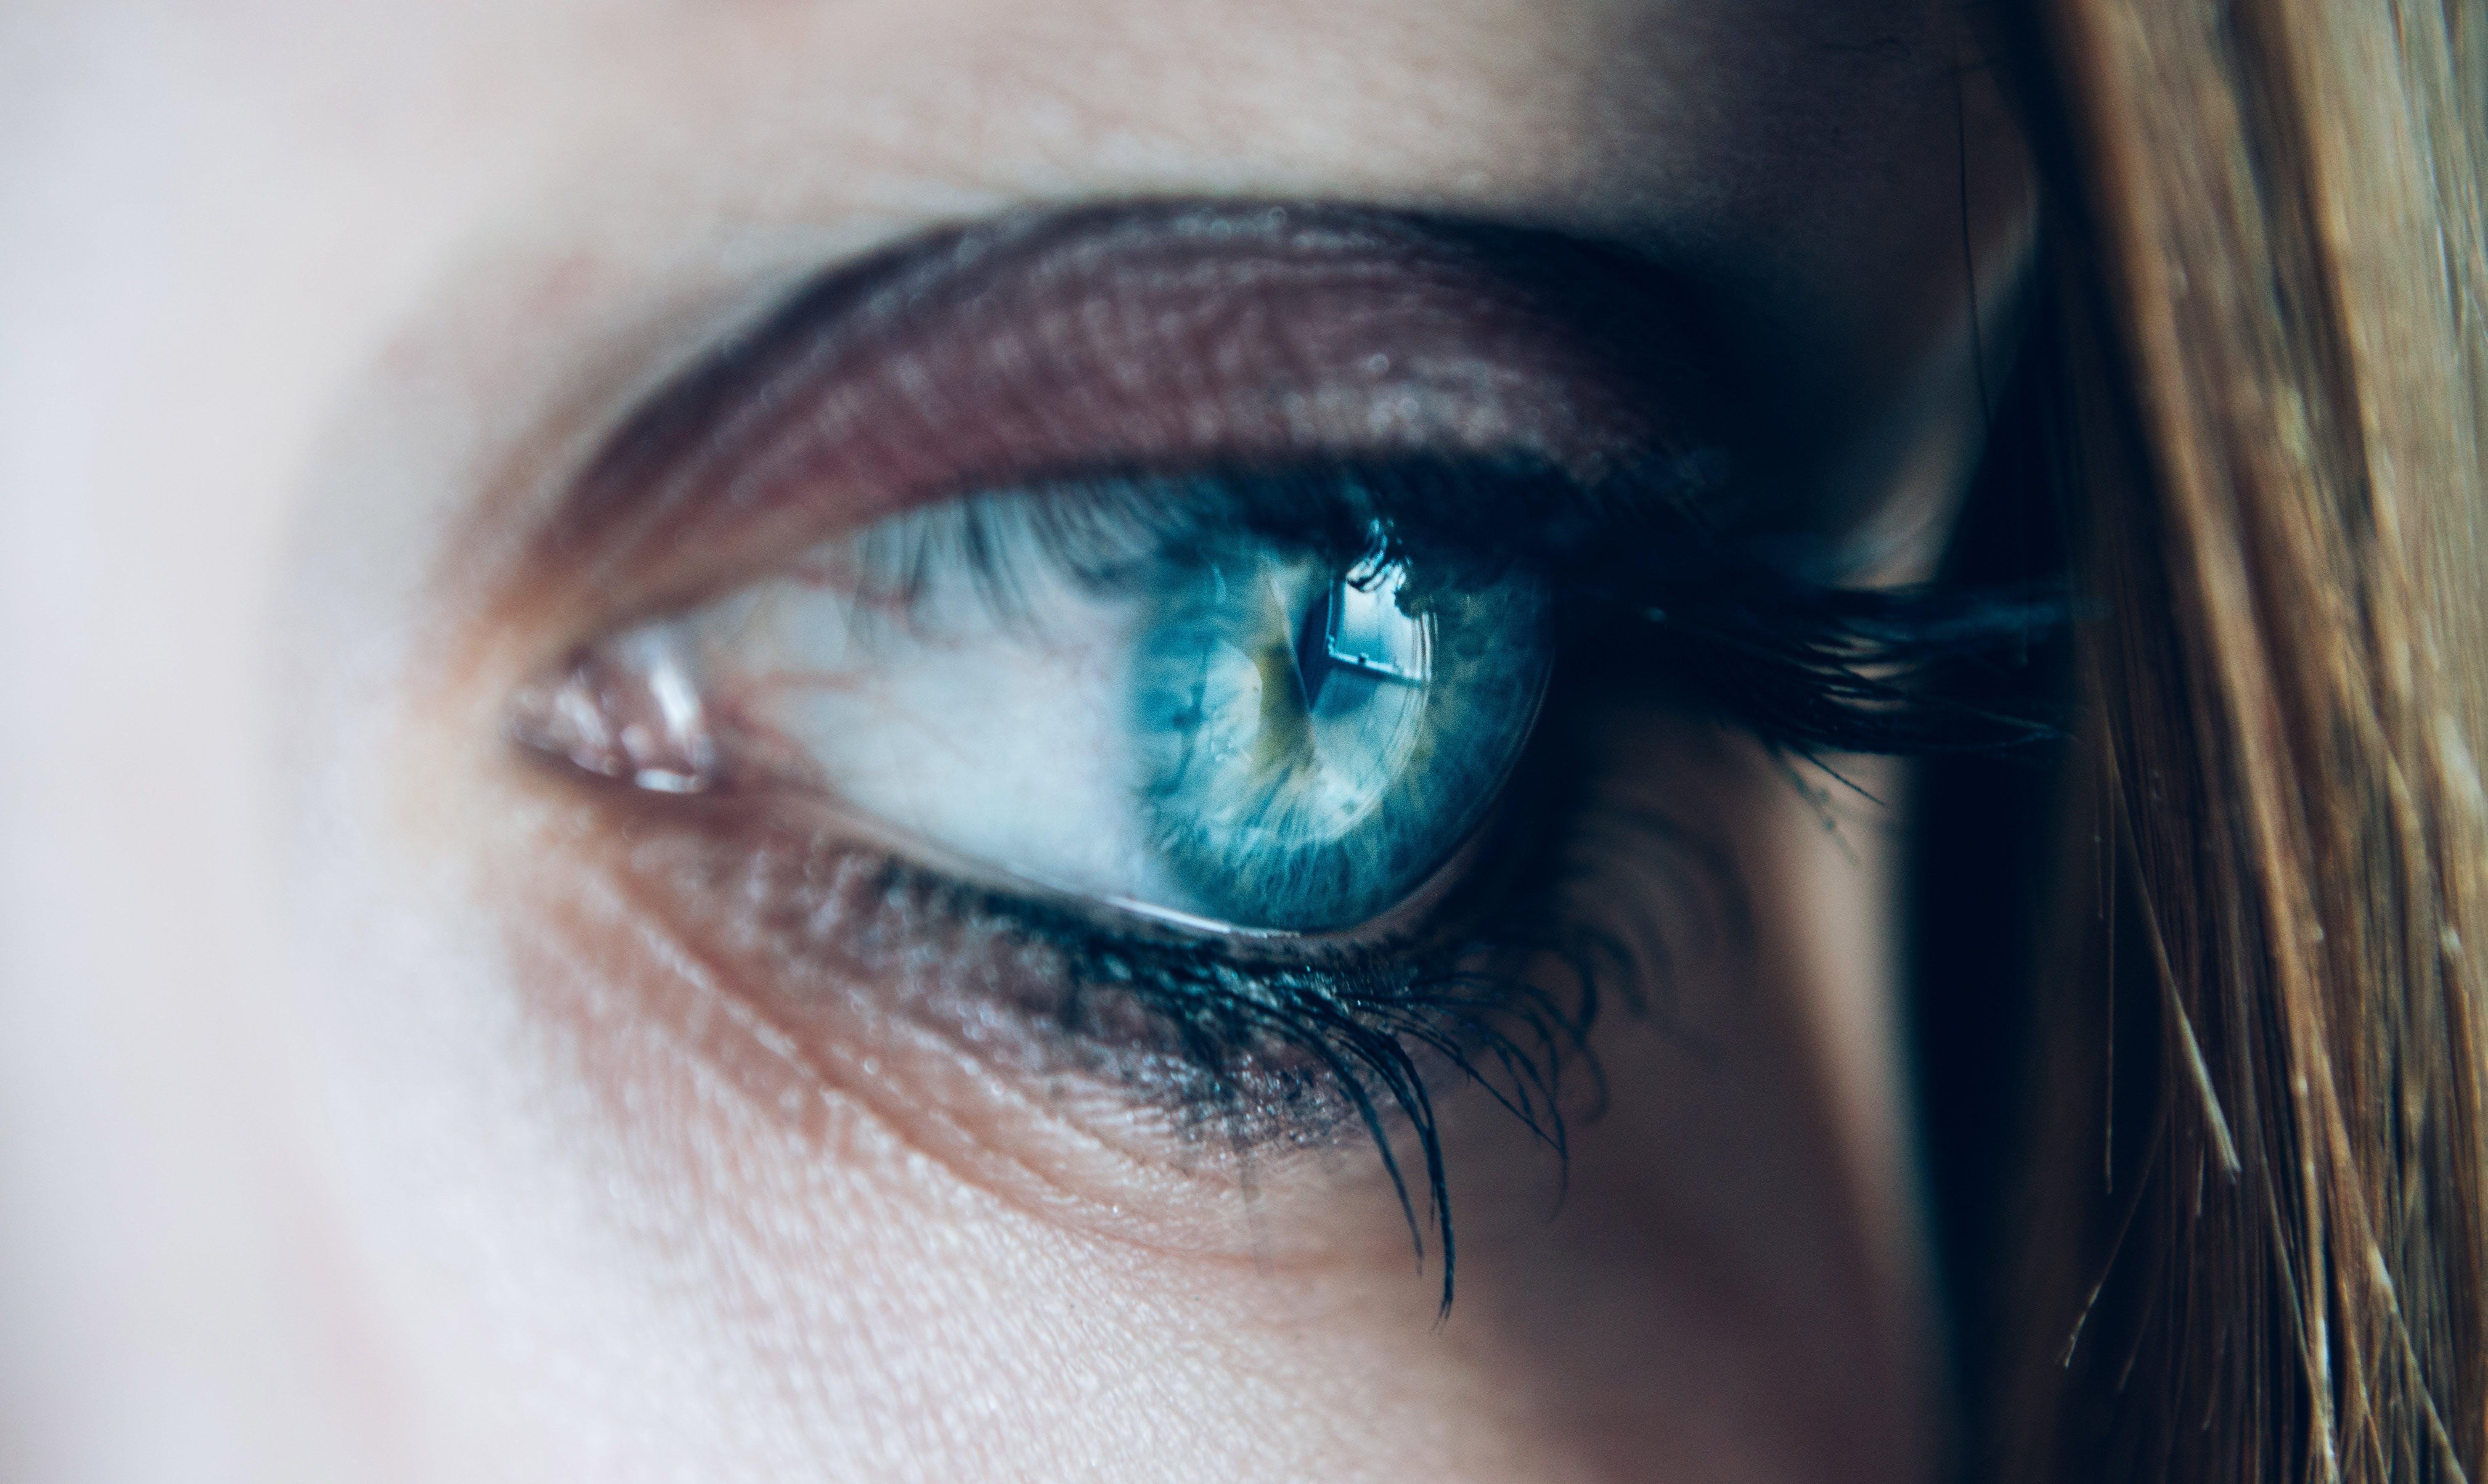 close-up, eye, eyelashes